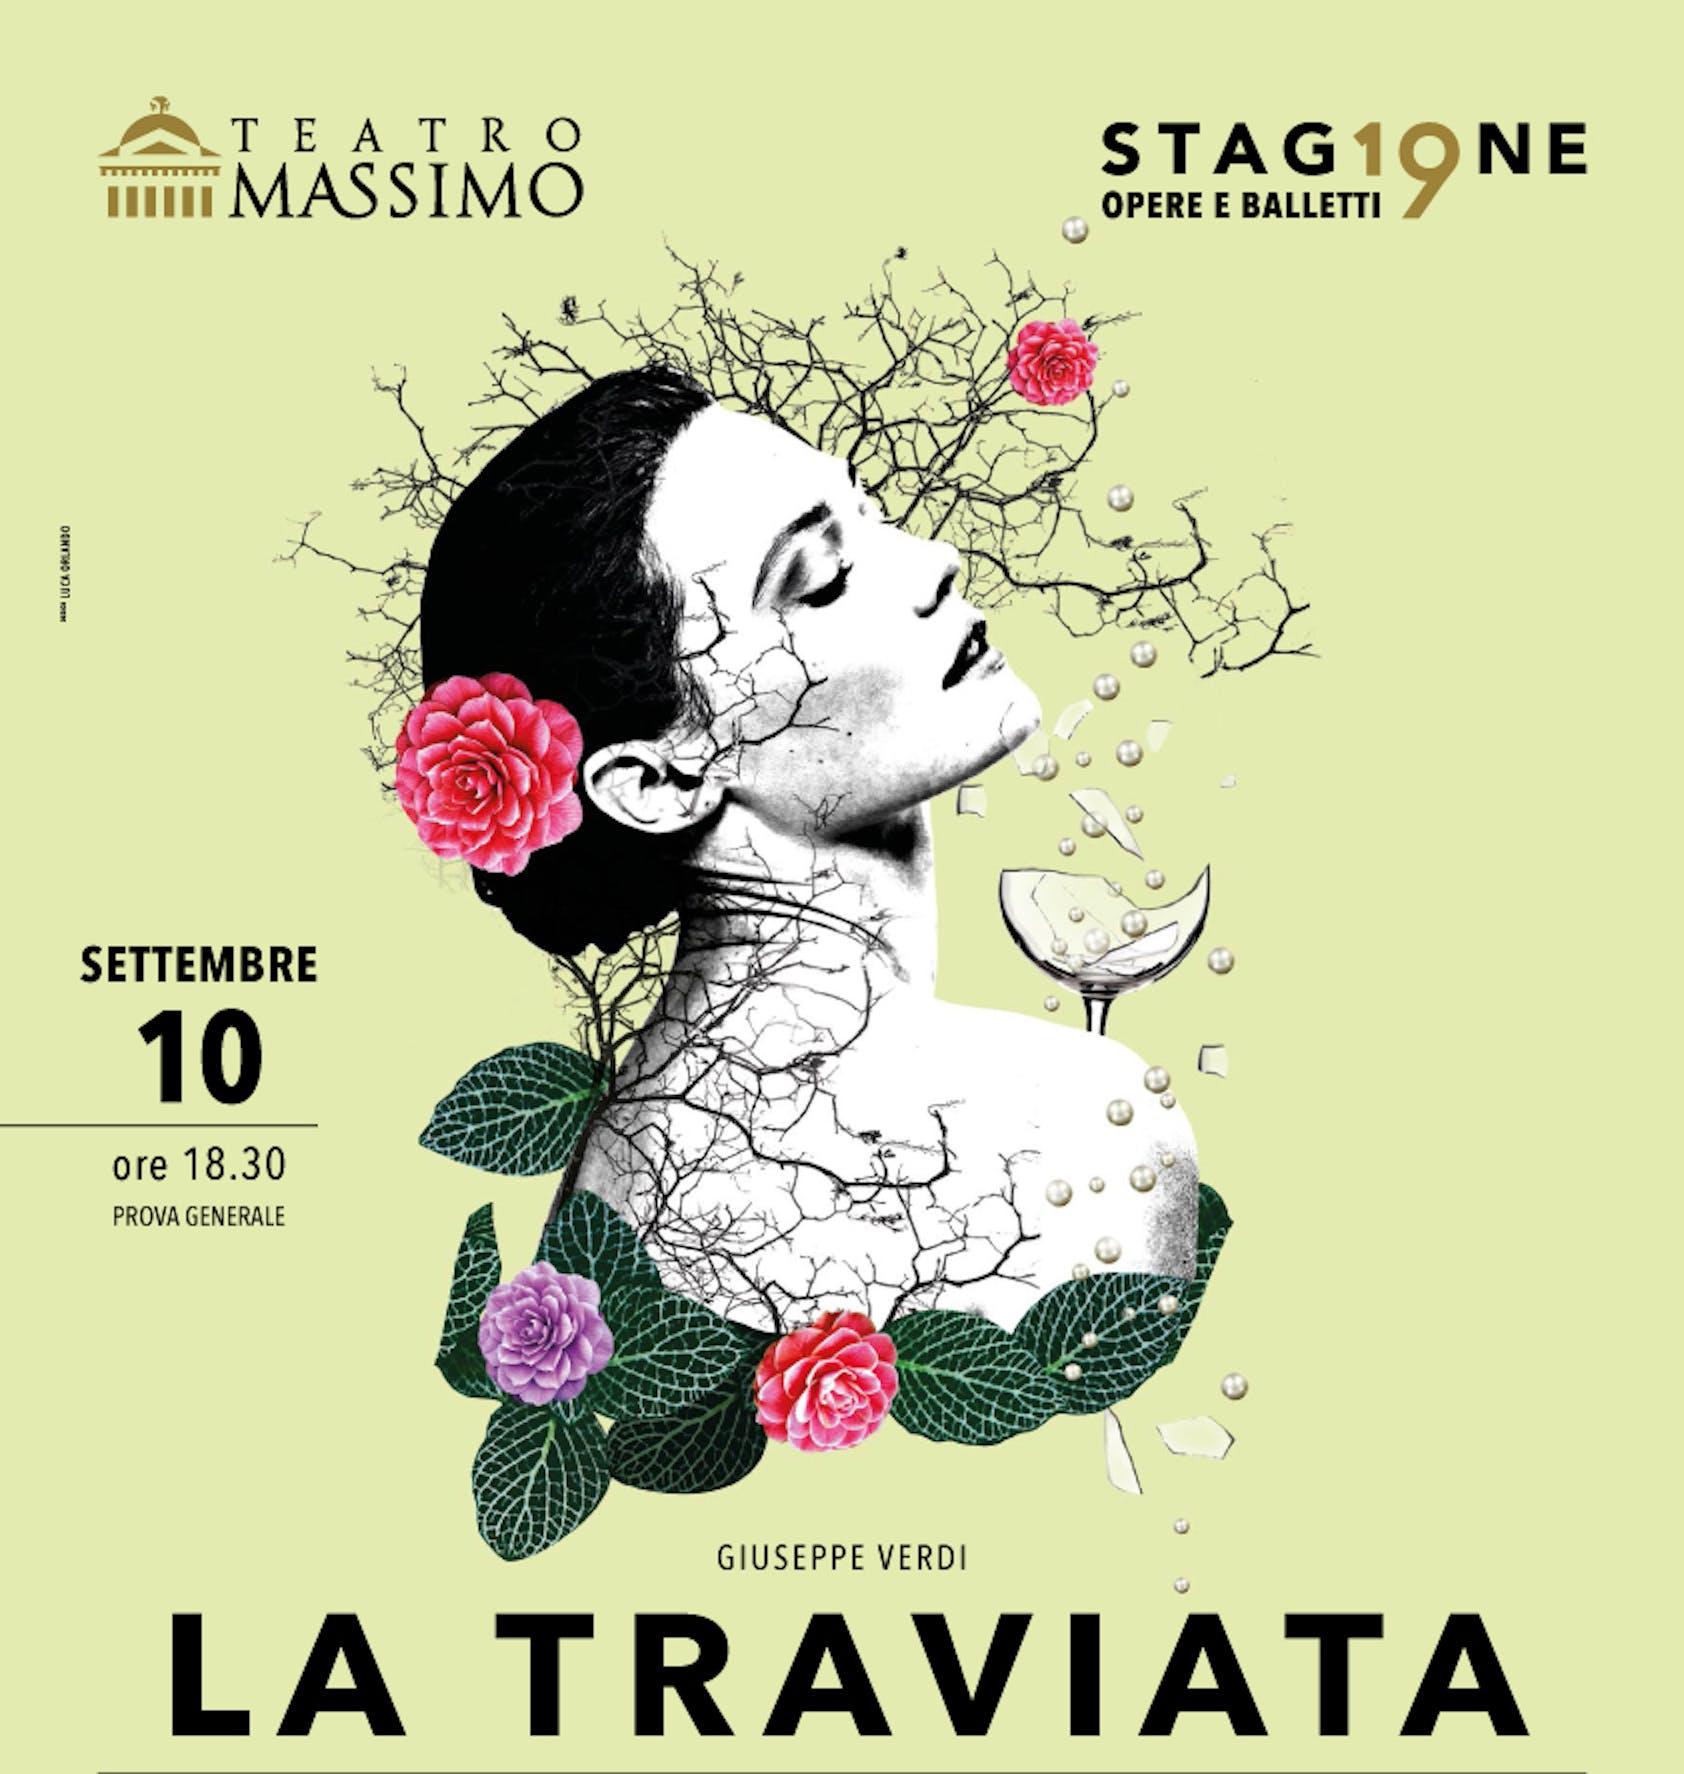 Giuseppe Verdi -  La Traviata - Melodramma in tre atti per l'UNICEF